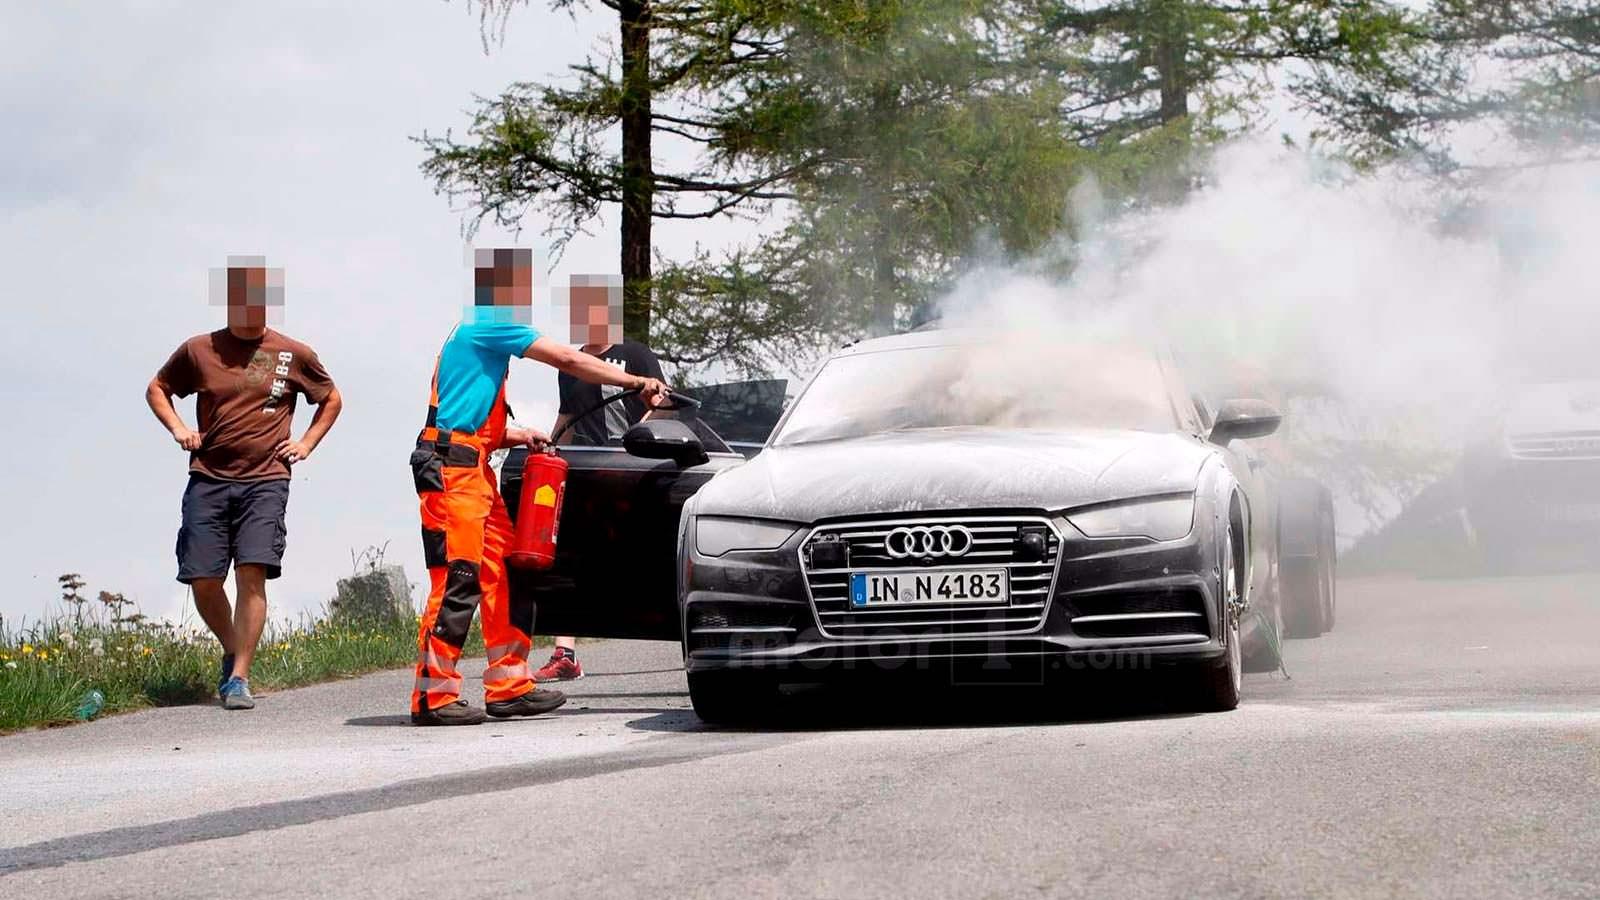 Попытка потушить Audi A7 Sportback с помощью огнетушителя